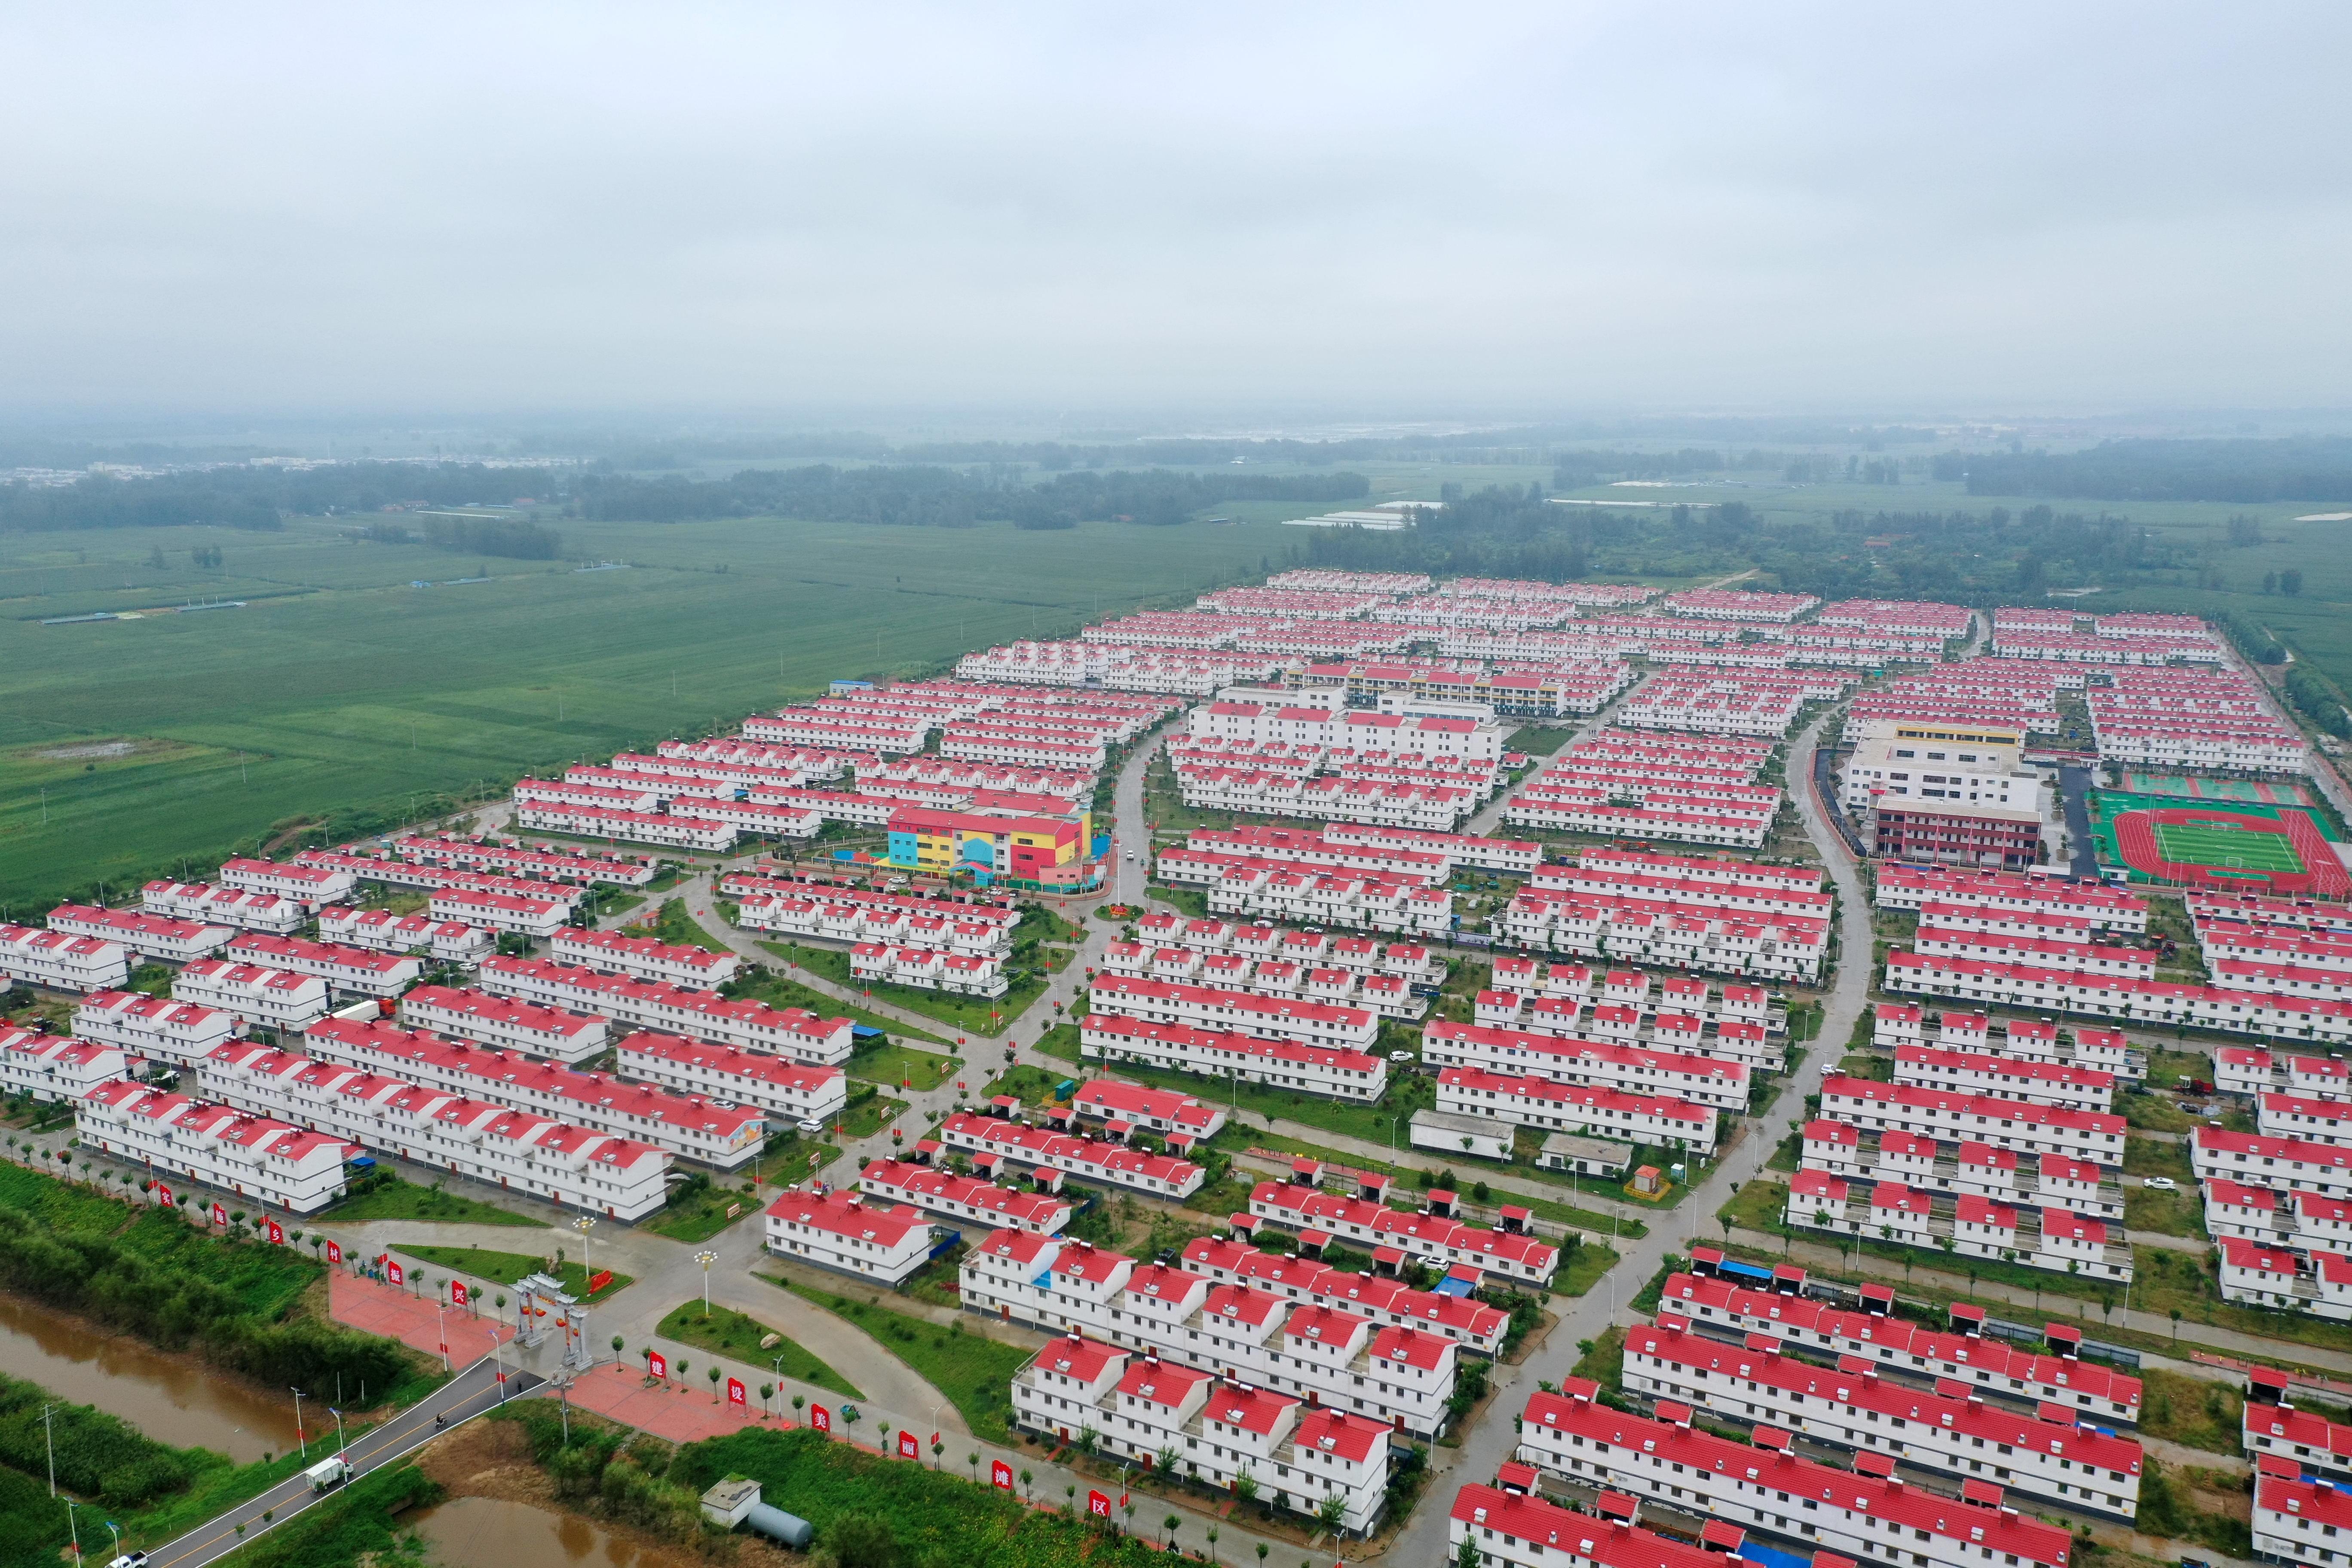 在菏泽市东明县长兴集乡8号村台,一幢幢红瓦白墙的别墅小楼整齐地排在村台上。(徐嘉辉 摄)